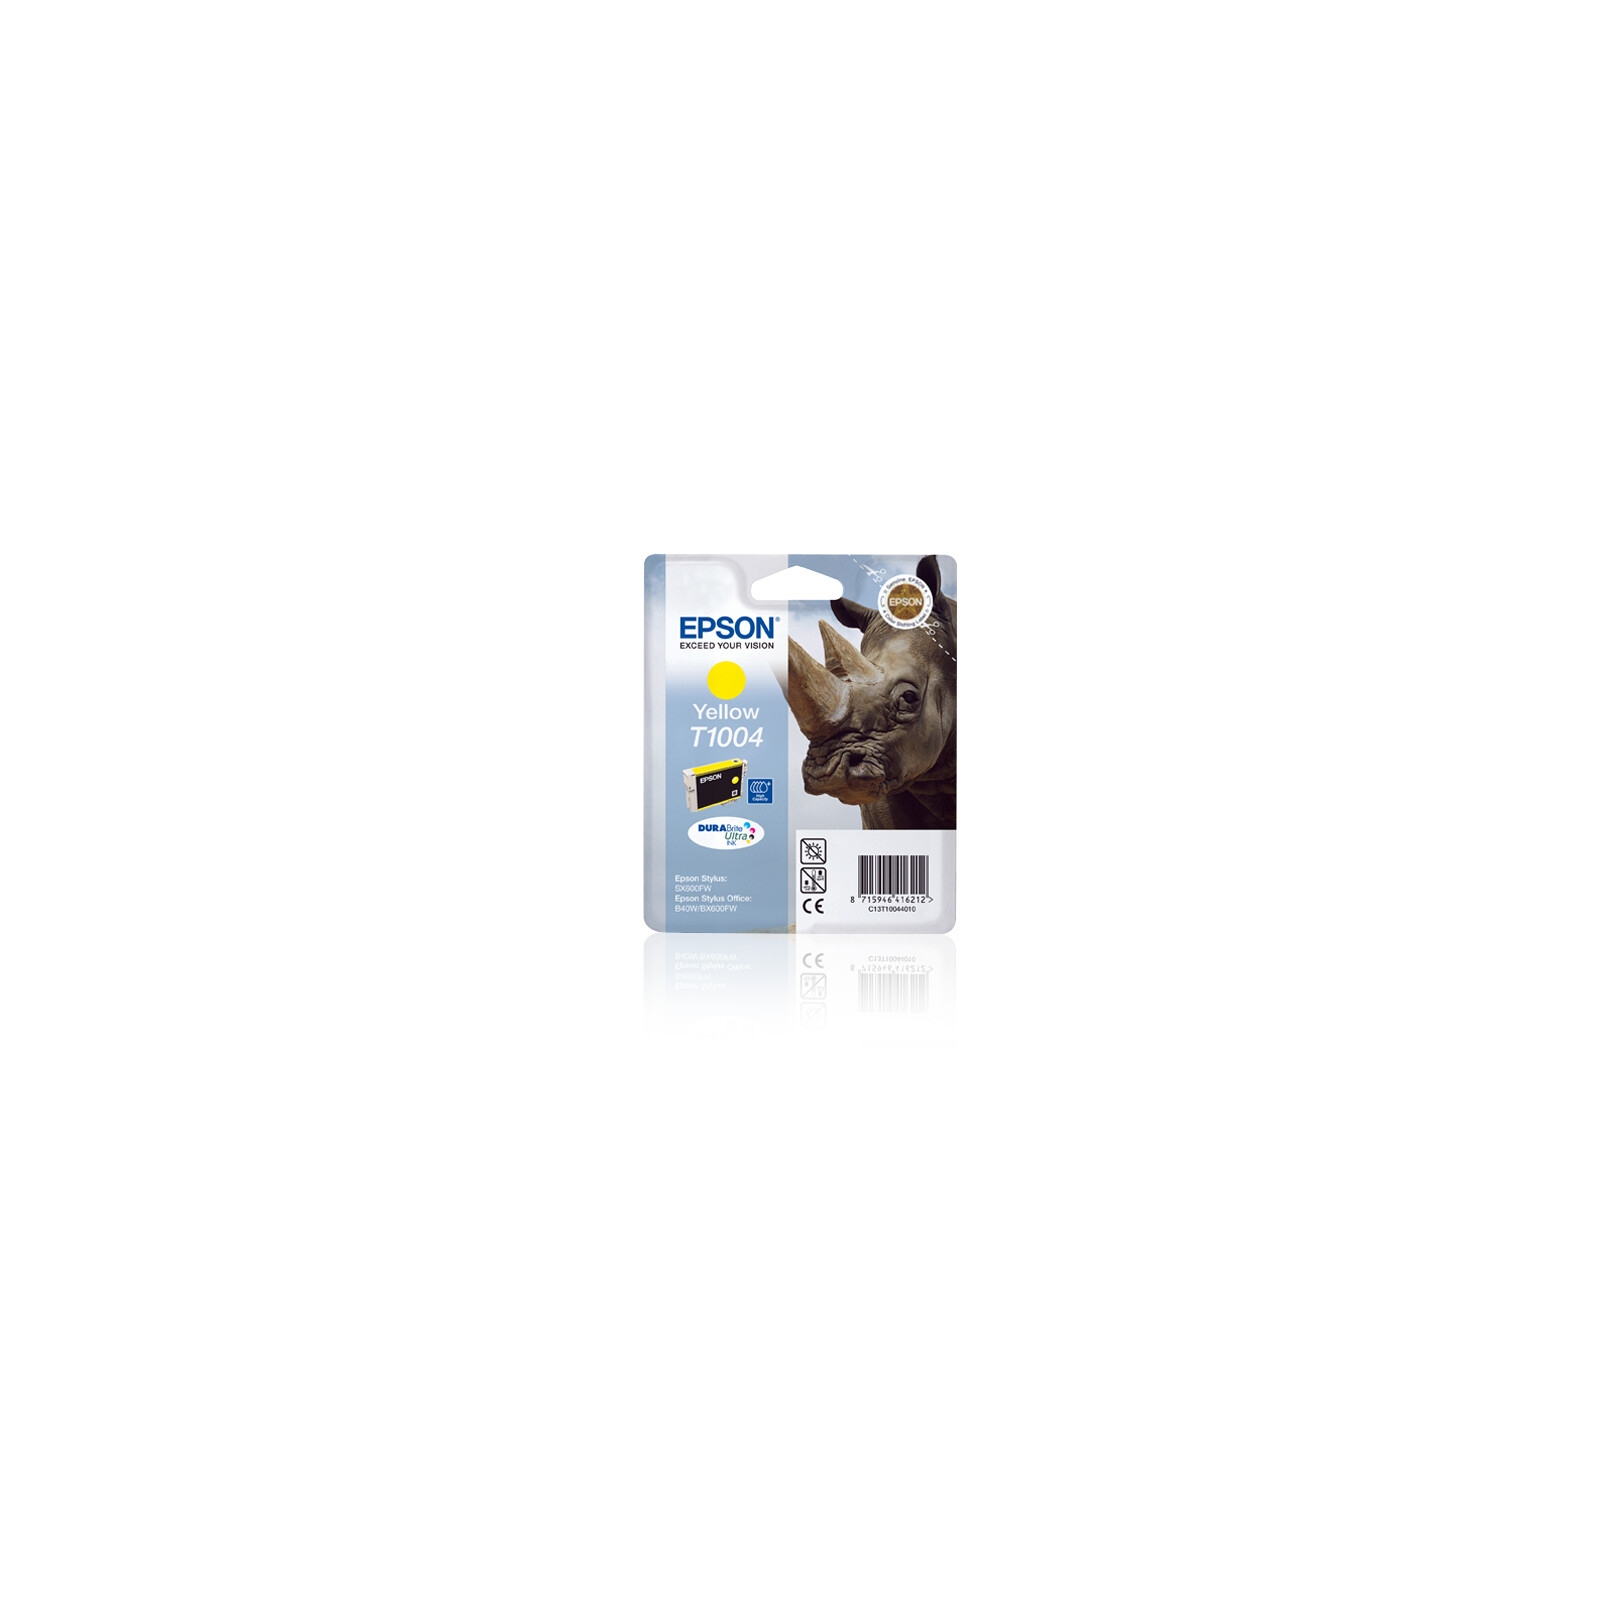 Epson T1004 Tinte Yellow 11,1ml